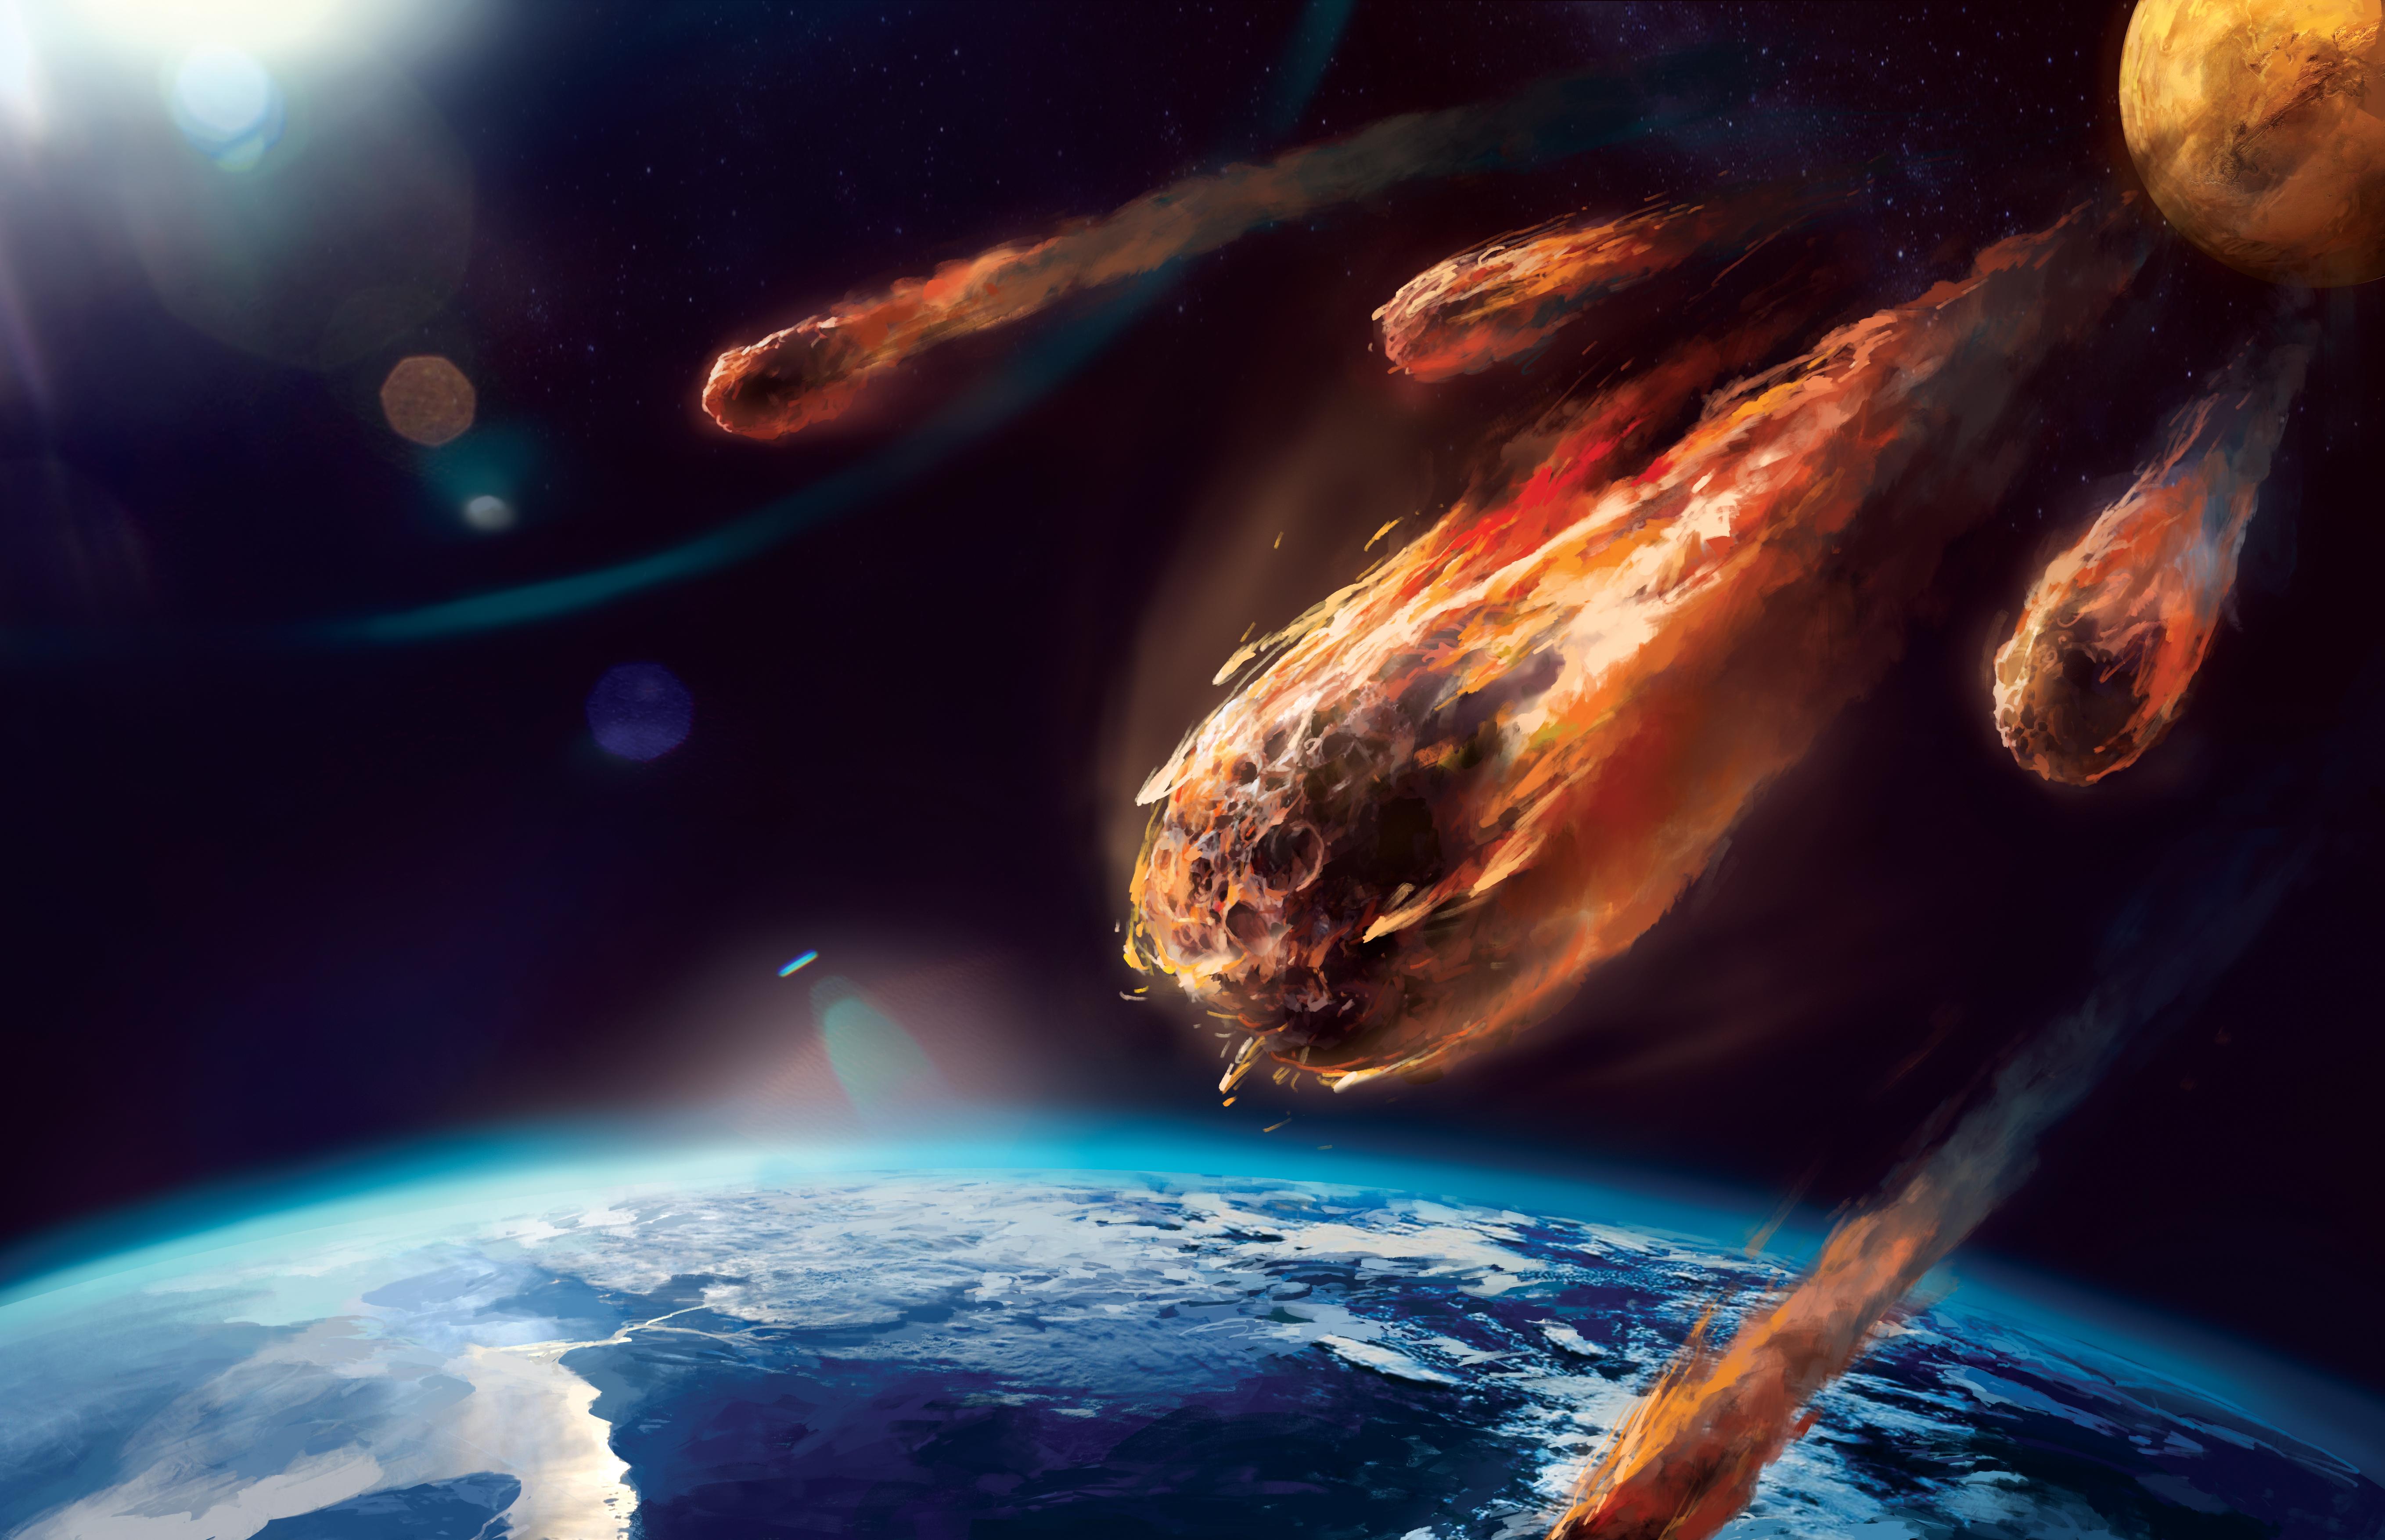 Обои космический корабль картинки на рабочий стол на тему Космос - скачать без смс